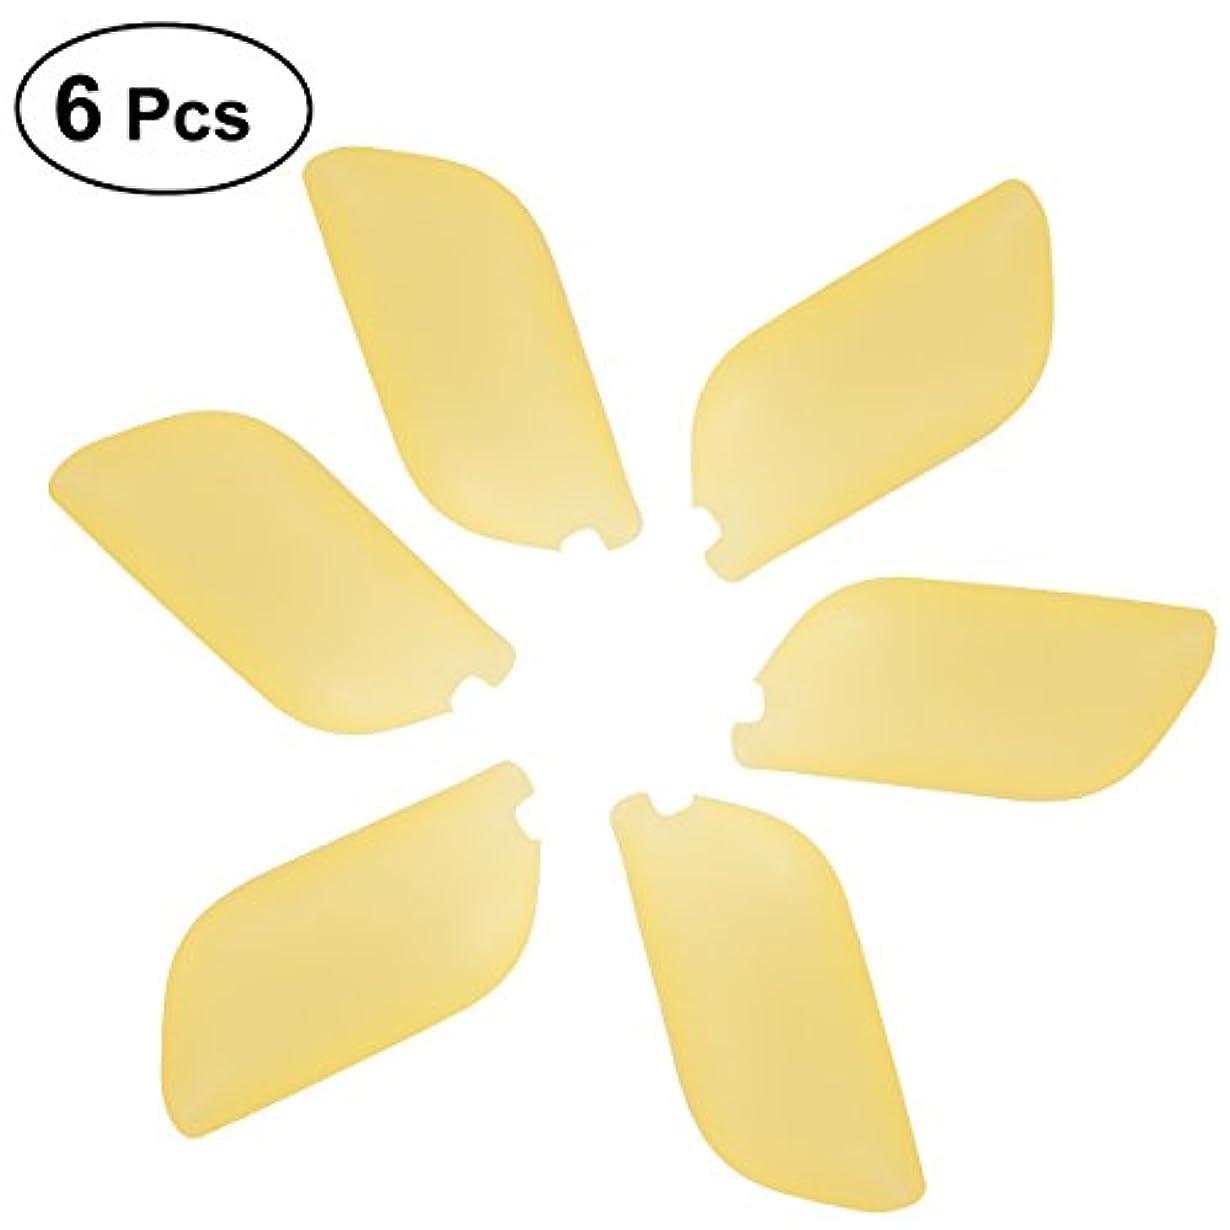 石灰岩電話レベルHEALLILYシリコン歯ブラシヘッドカバーホルダー歯ブラシ保護カバー保護ケース用歯ブラシ6本